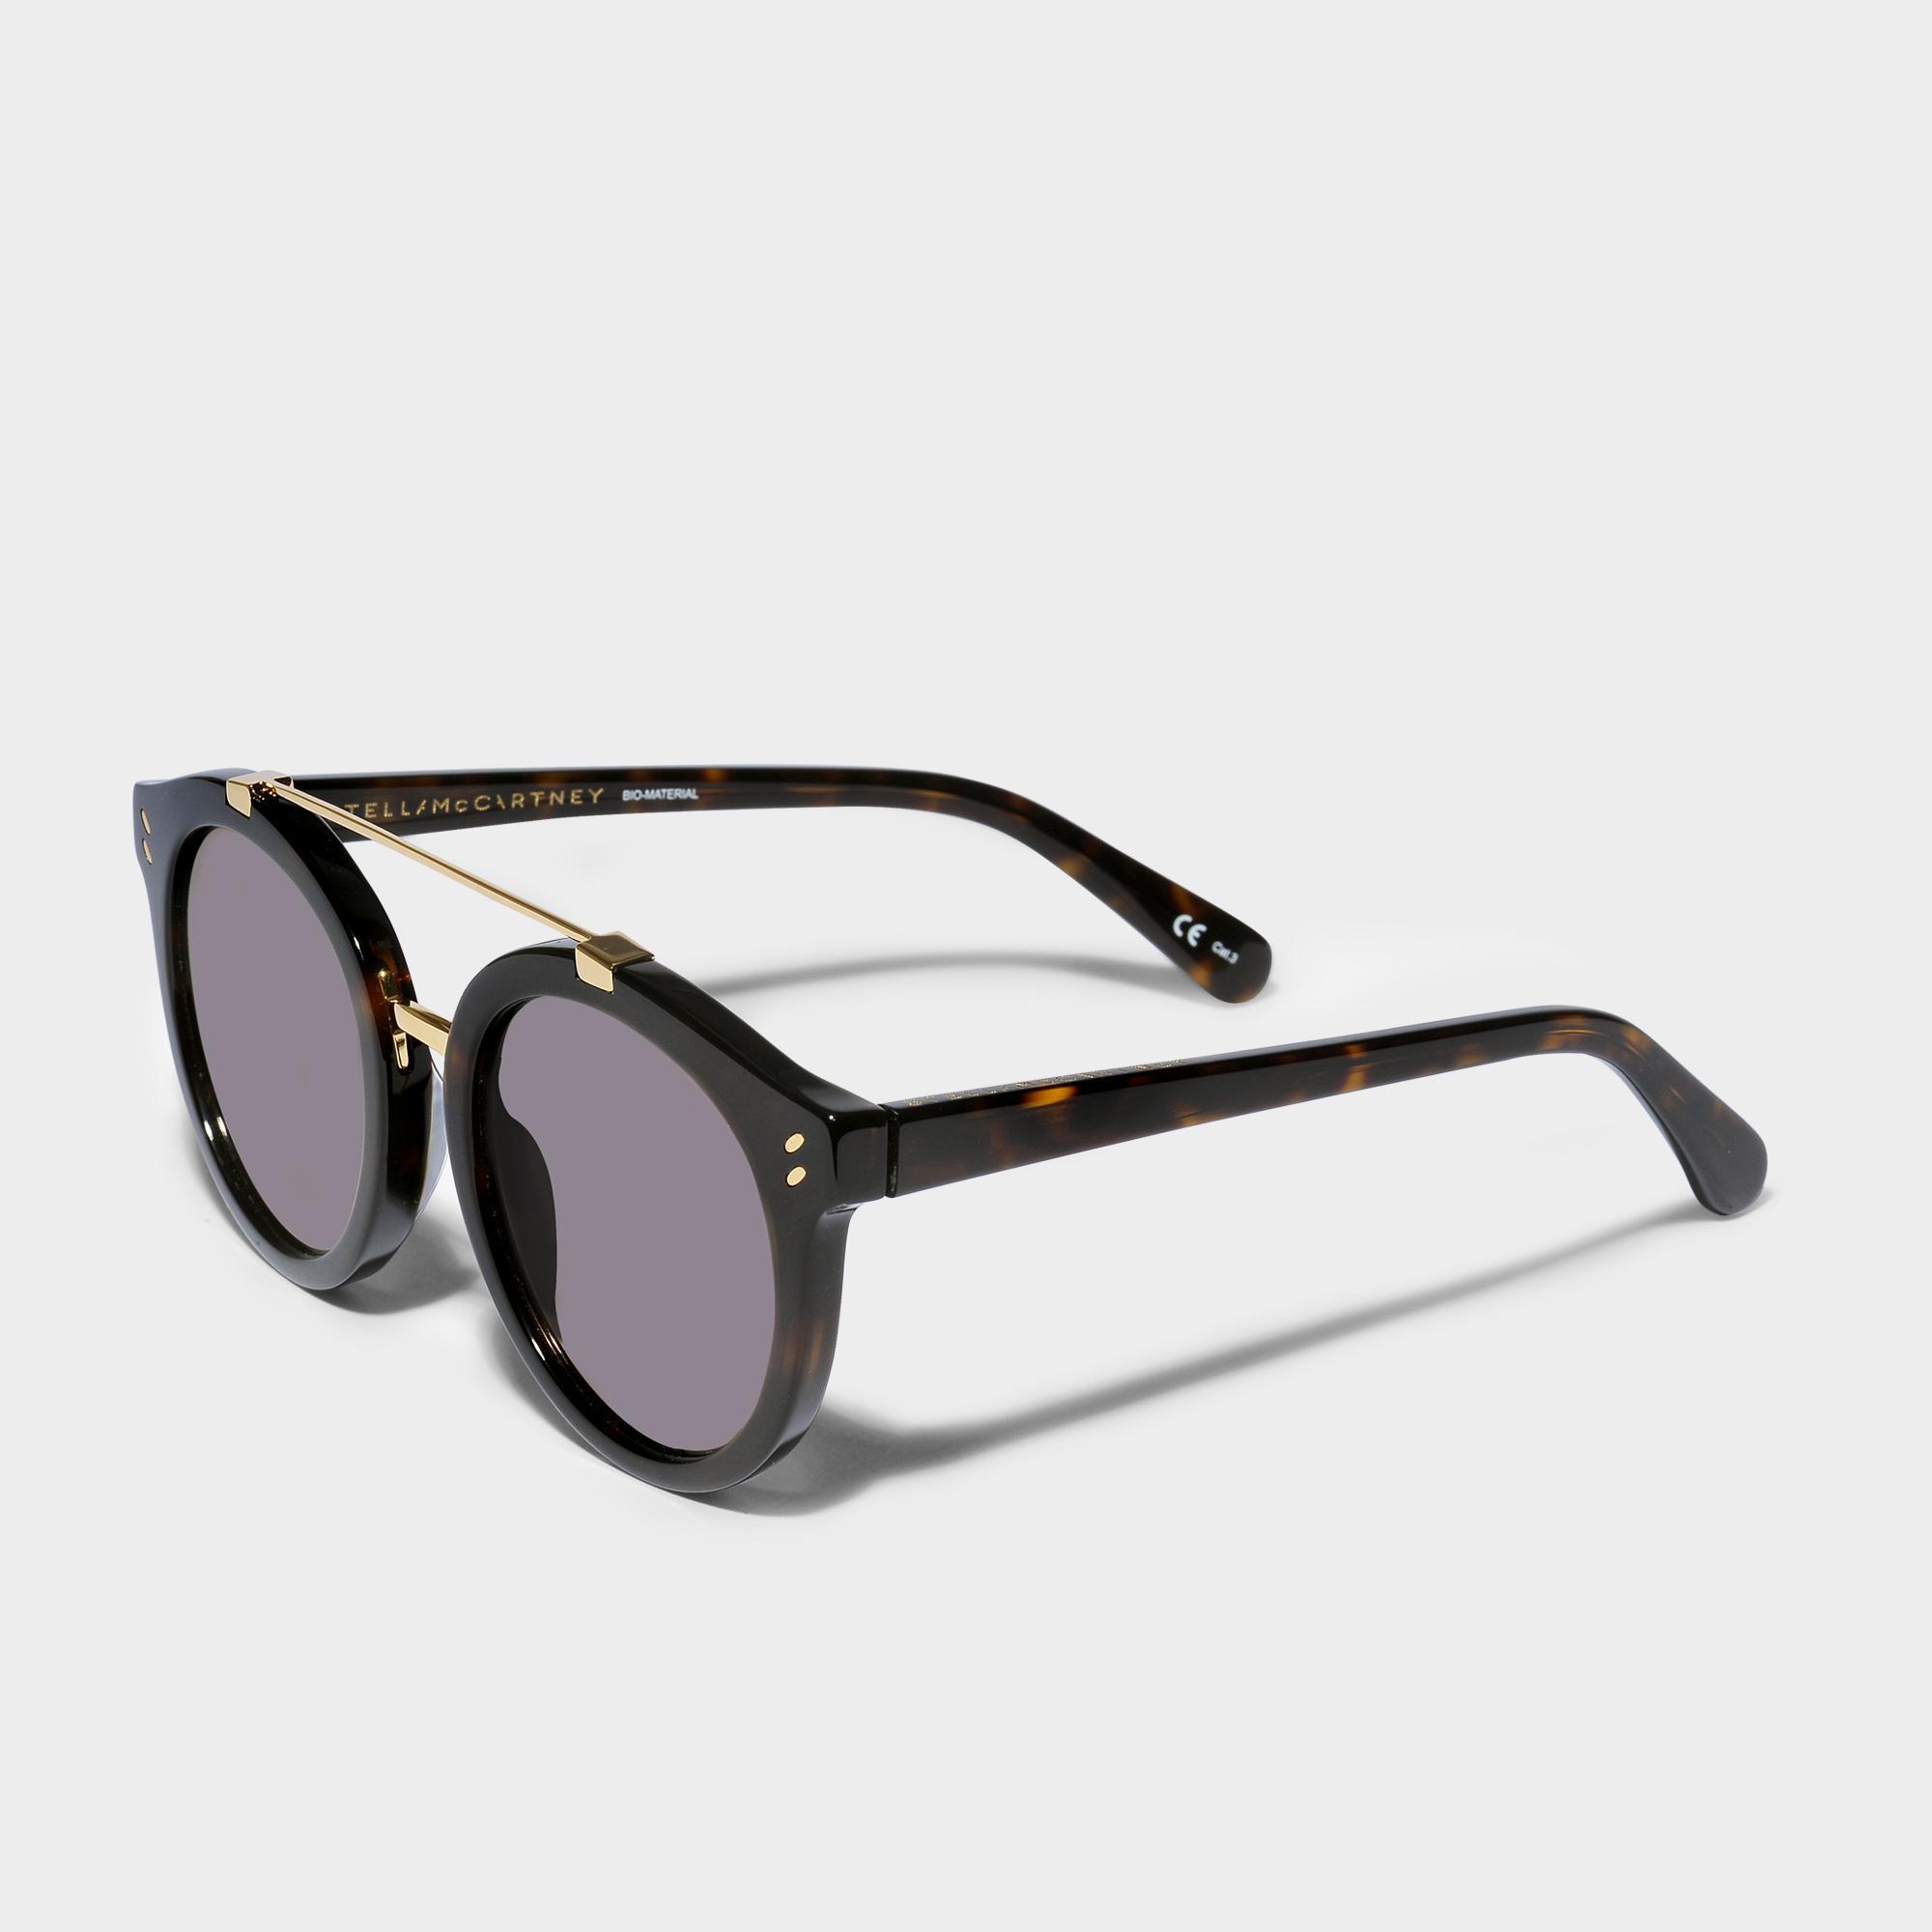 Stella McCartney Sonnenbrille aus Havana Bio-Acetat und Metall 6VsH9Vl